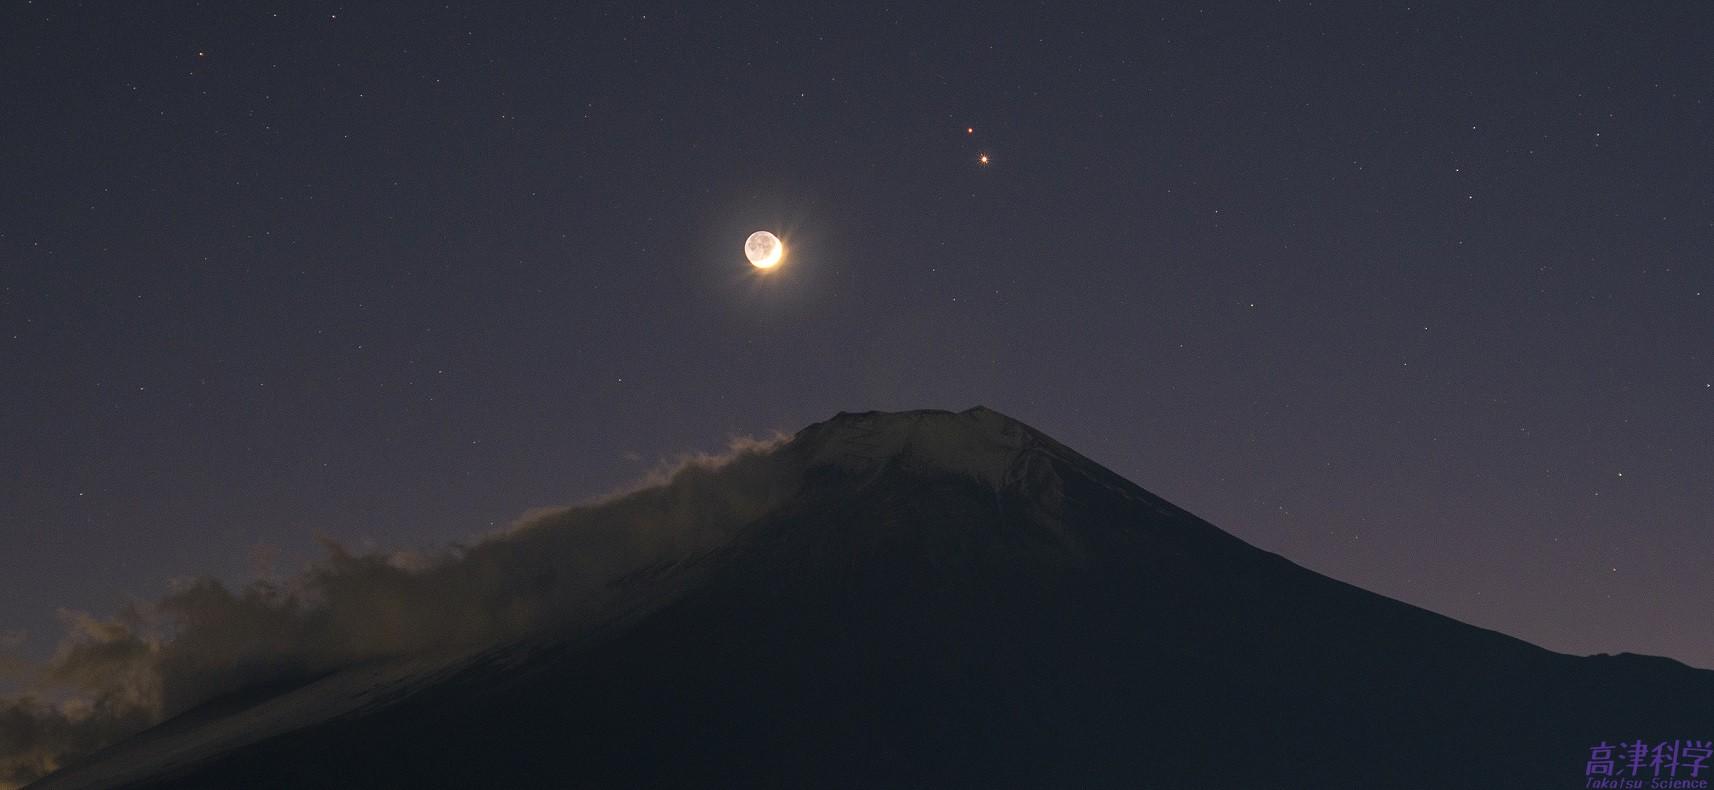 富士山と月,木星,土星